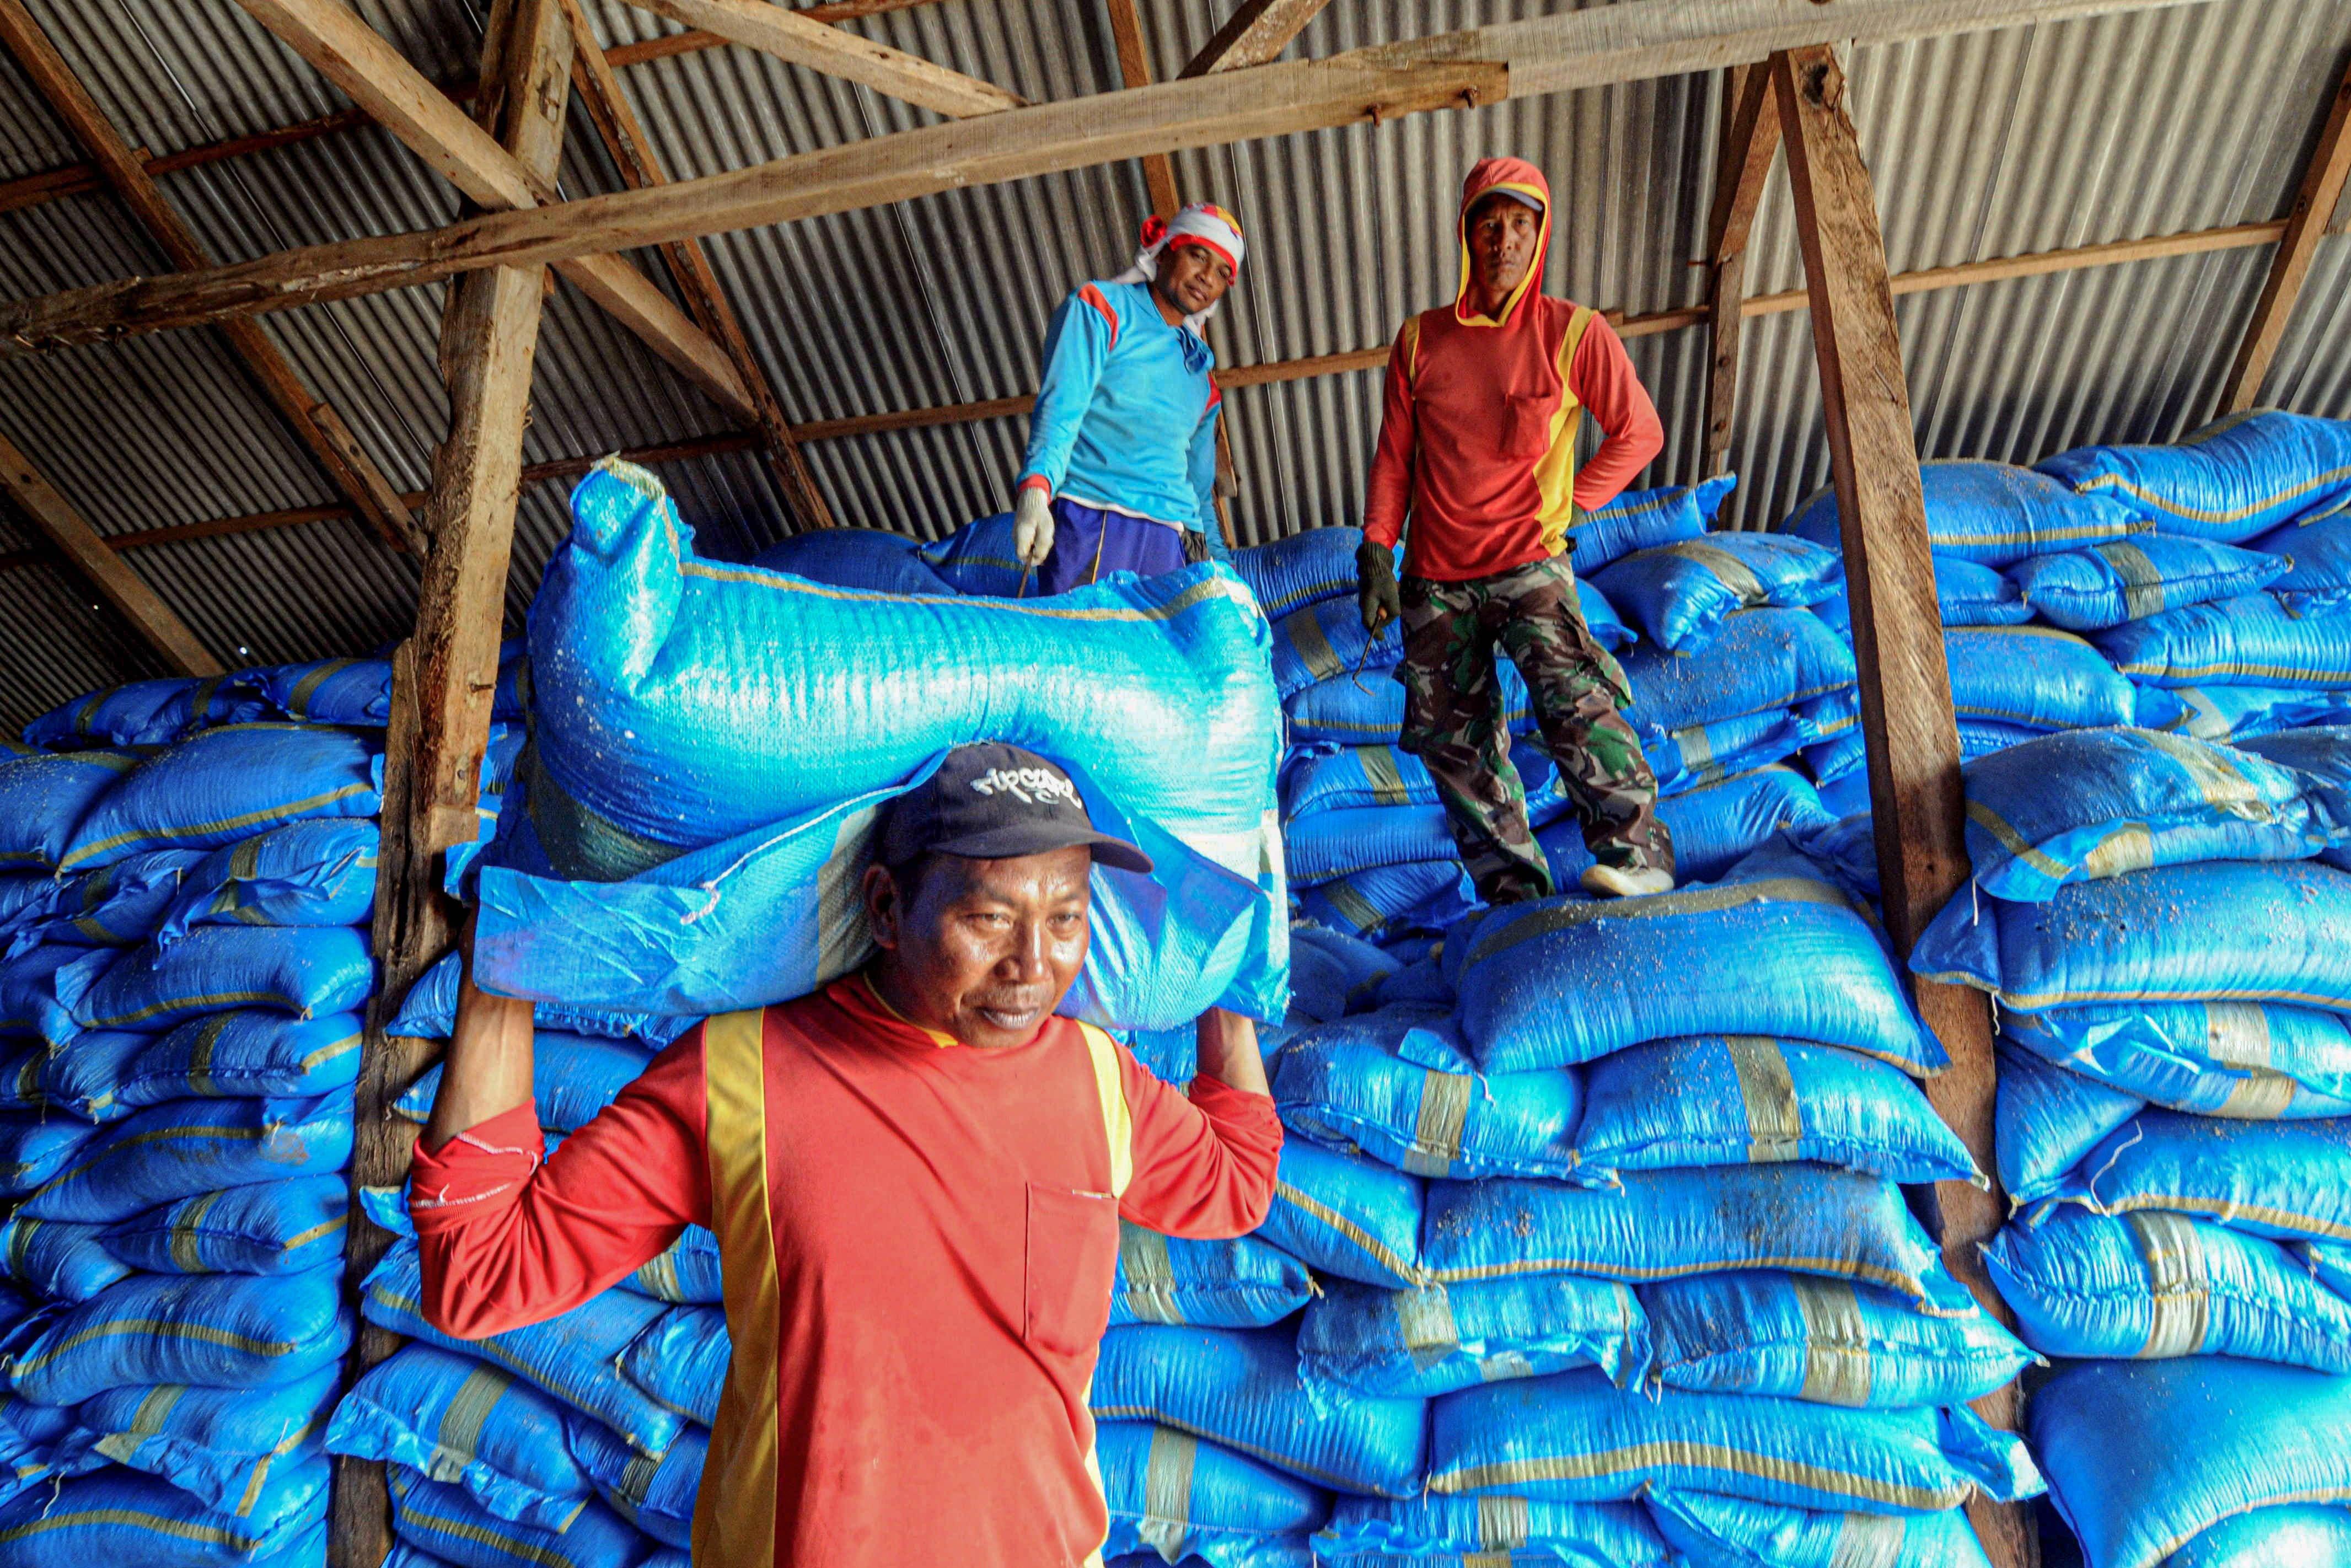 Pekerja memasukkan garam ke dalam gudang penimbunan di Desa Bunder, Pamekasan, Jawa Timur.\r\n